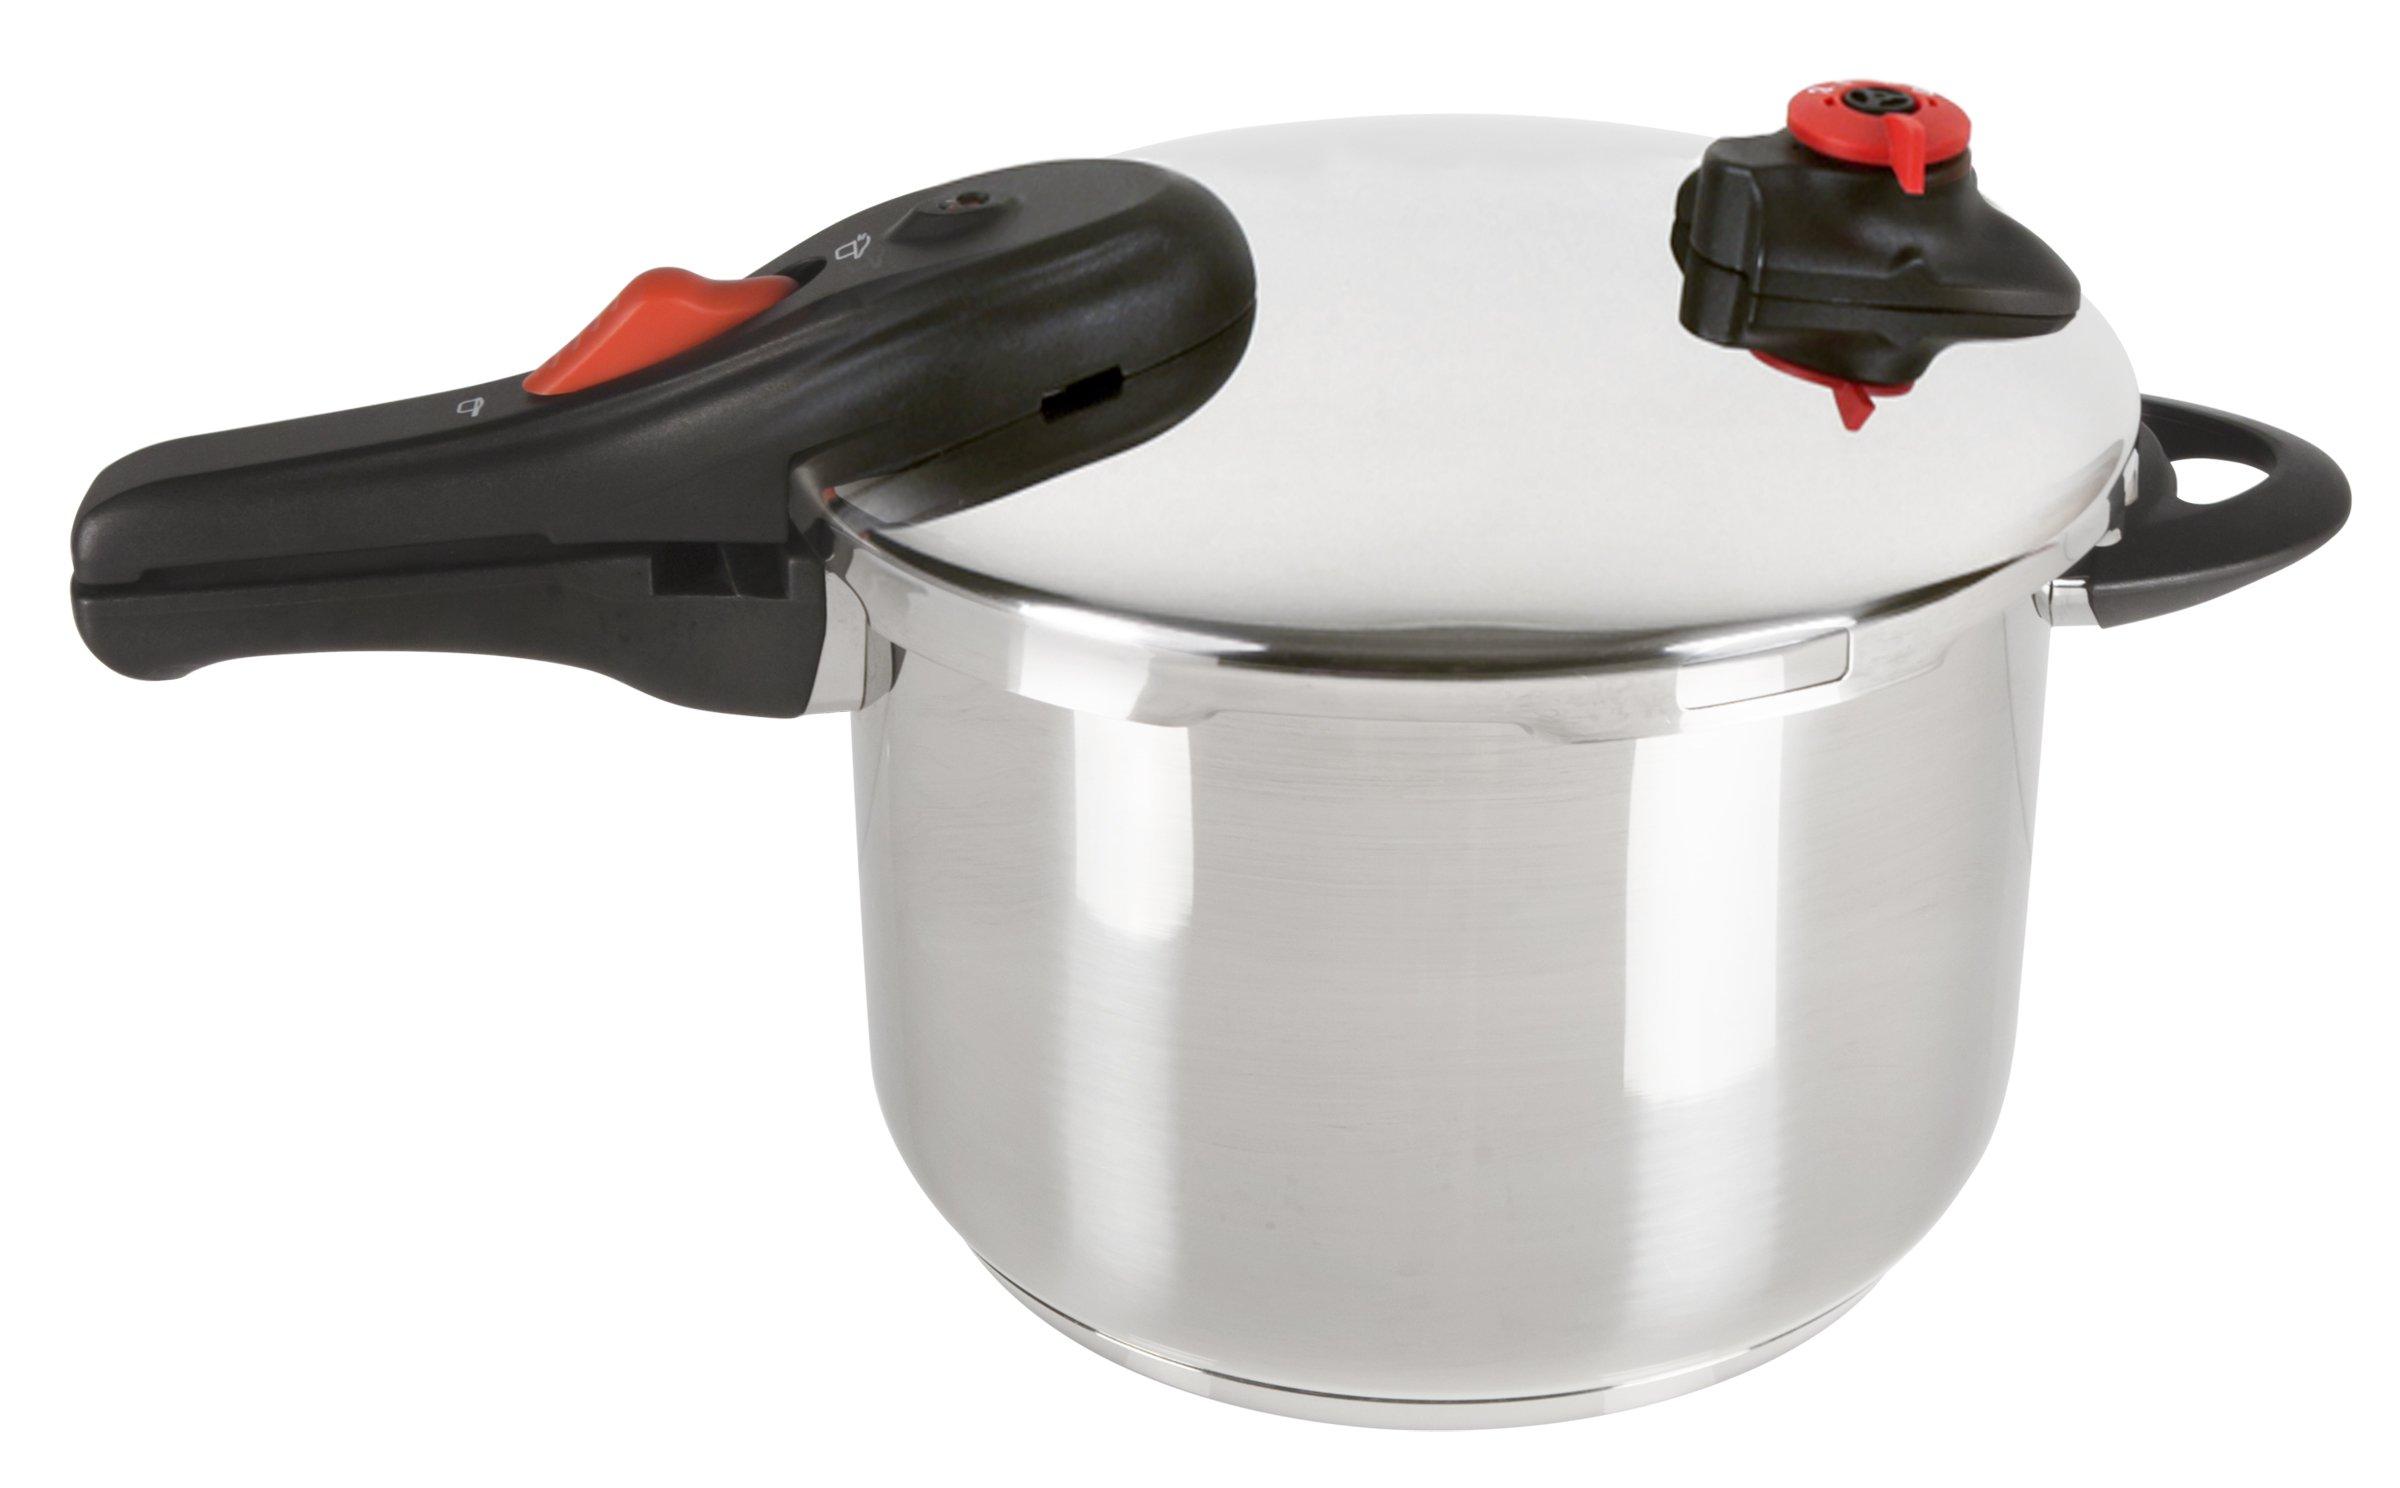 NuWave 31201 Pressure Cooker, 6.5 quart, Silver